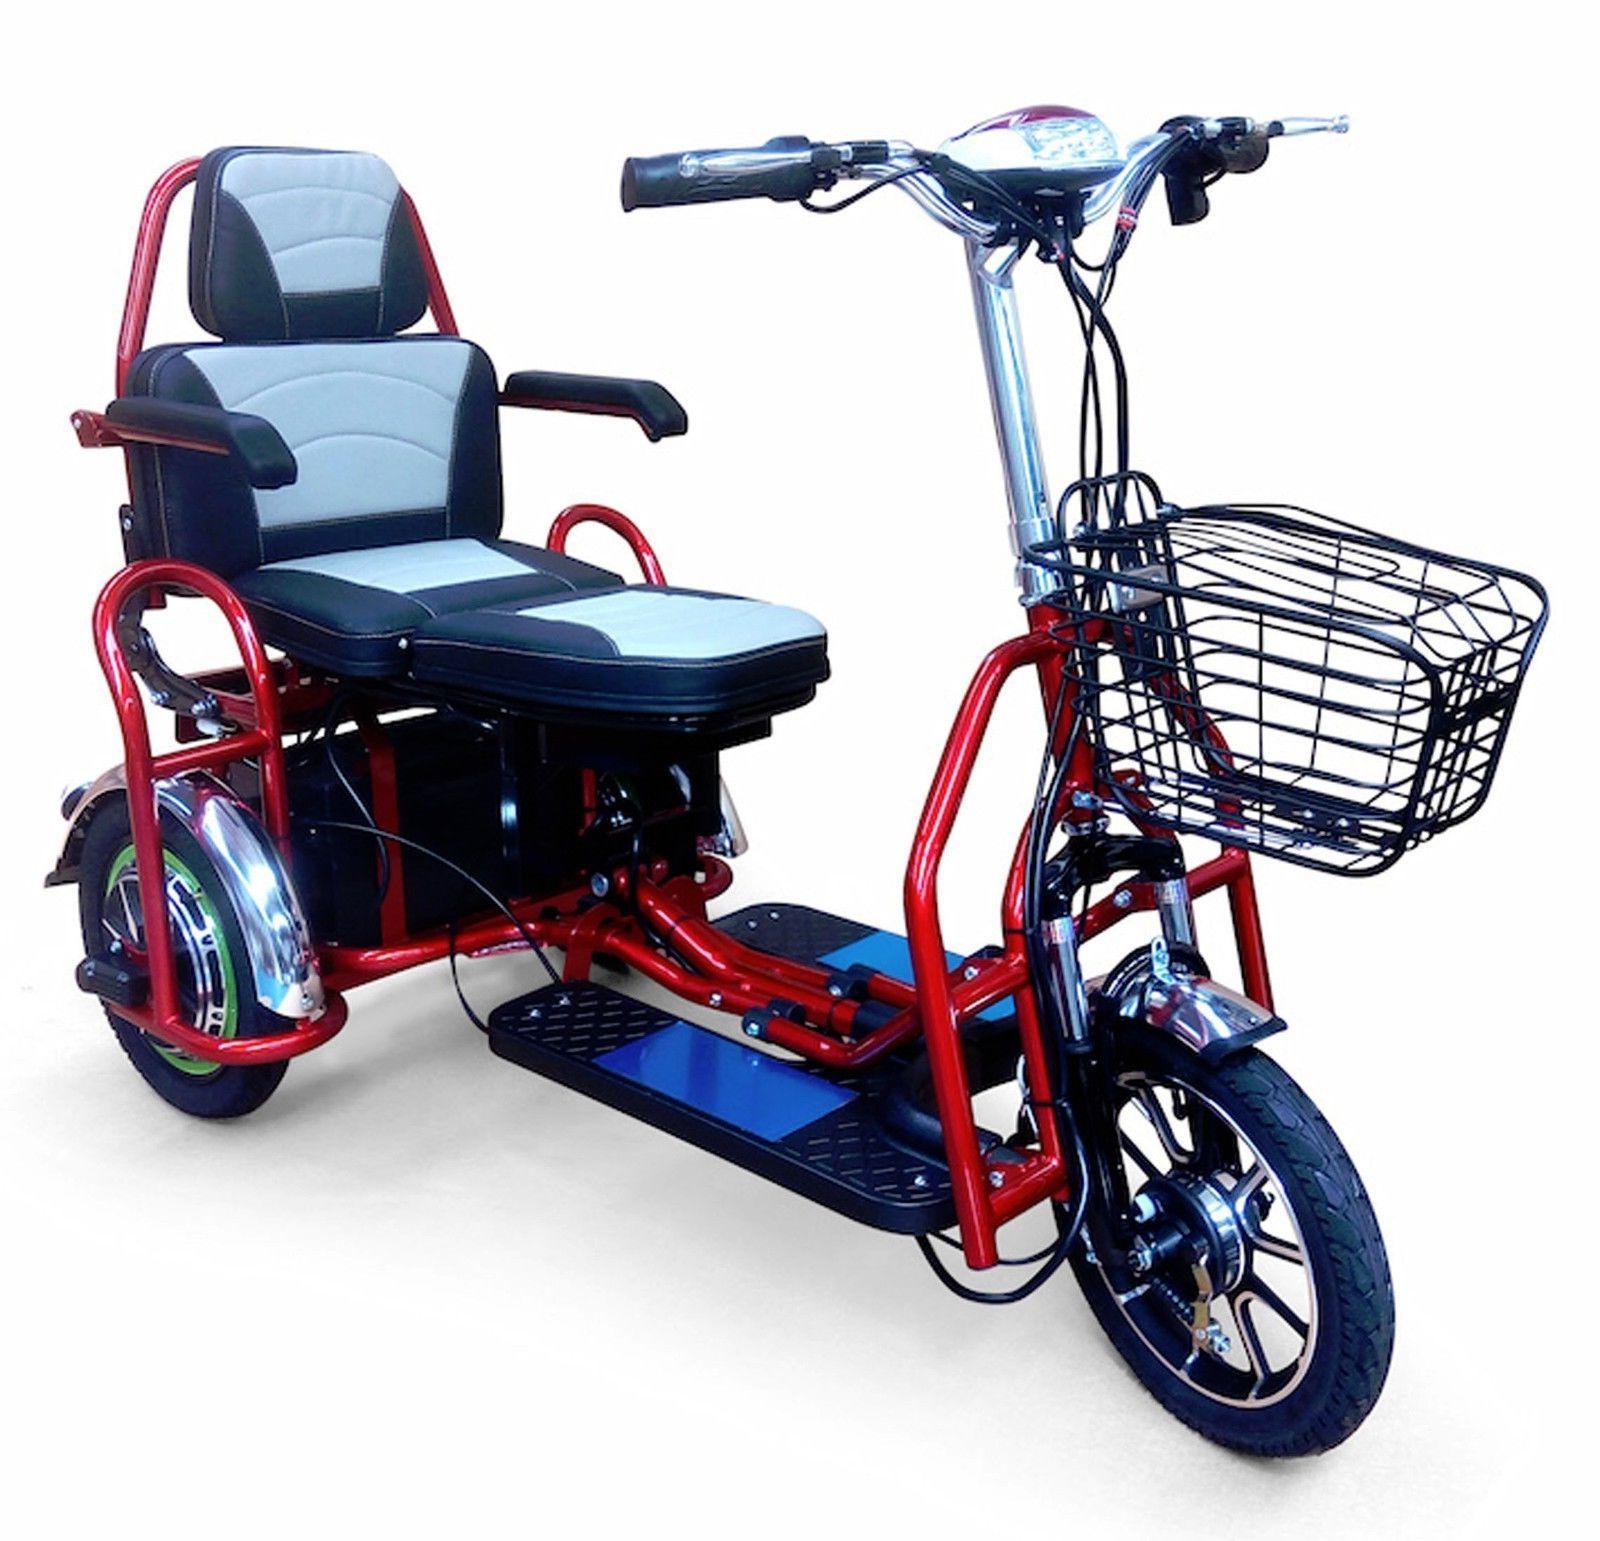 new ew 02 heavy duty folding scooter